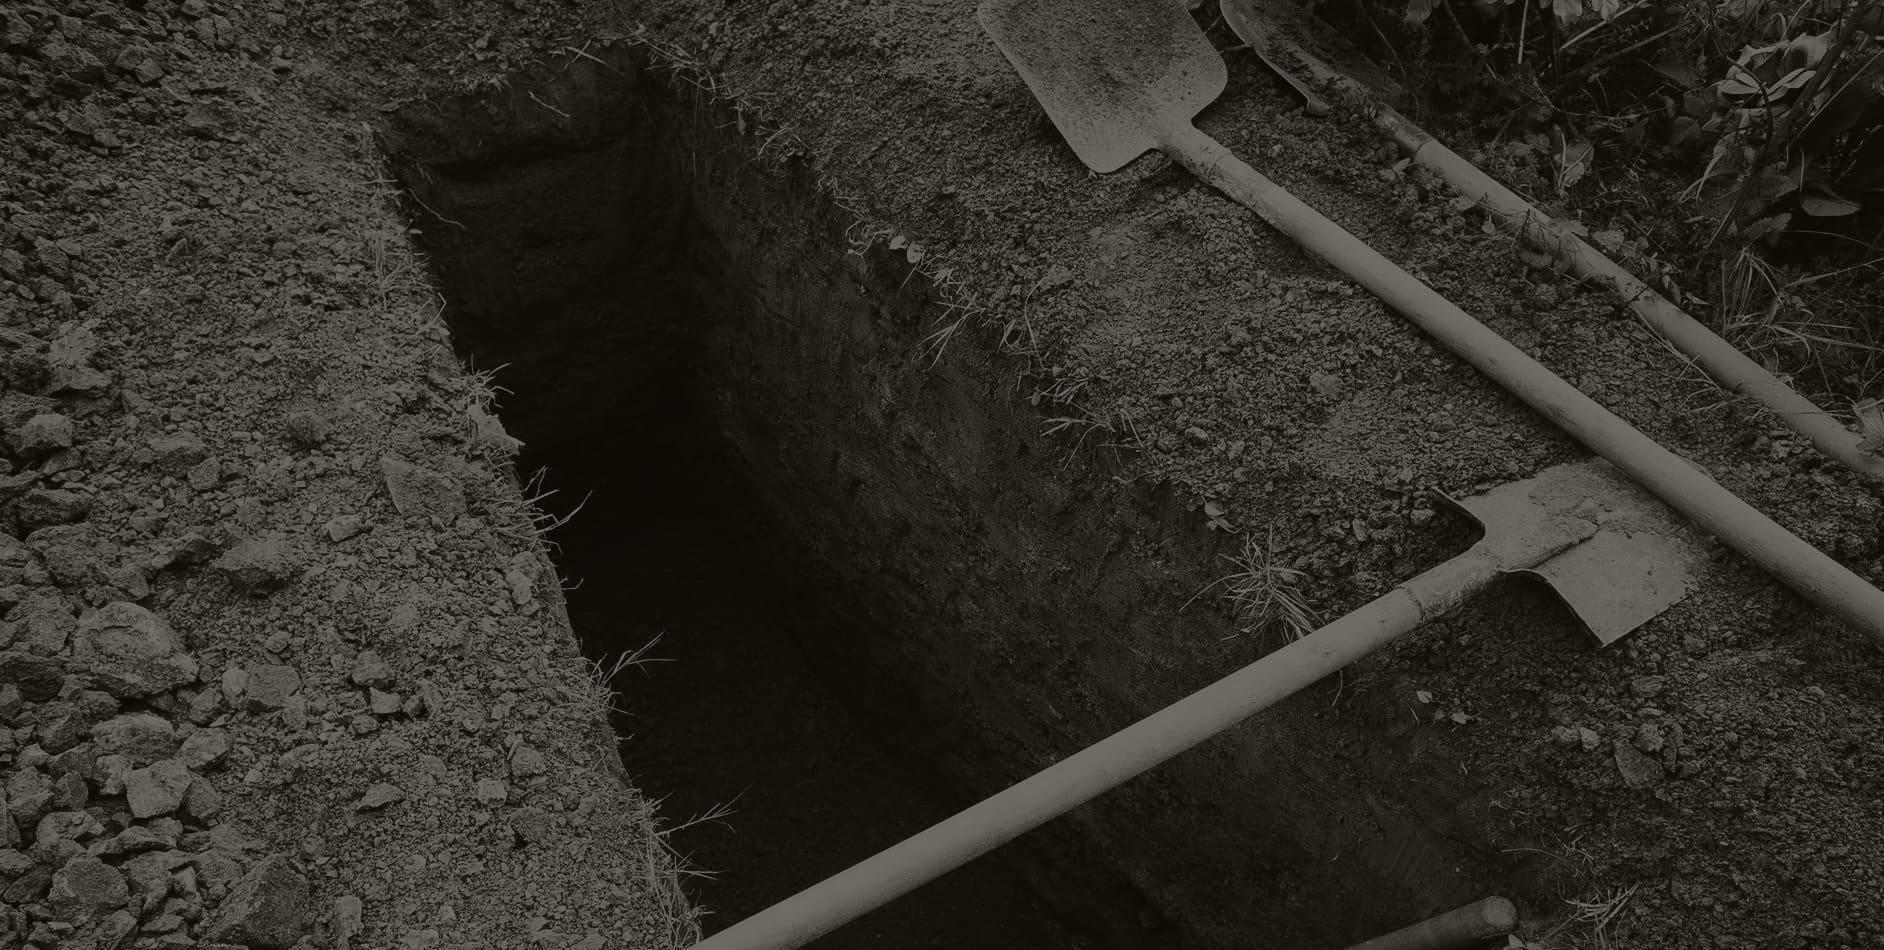 Байки из склепа: подробности эксгумации в Тверской области